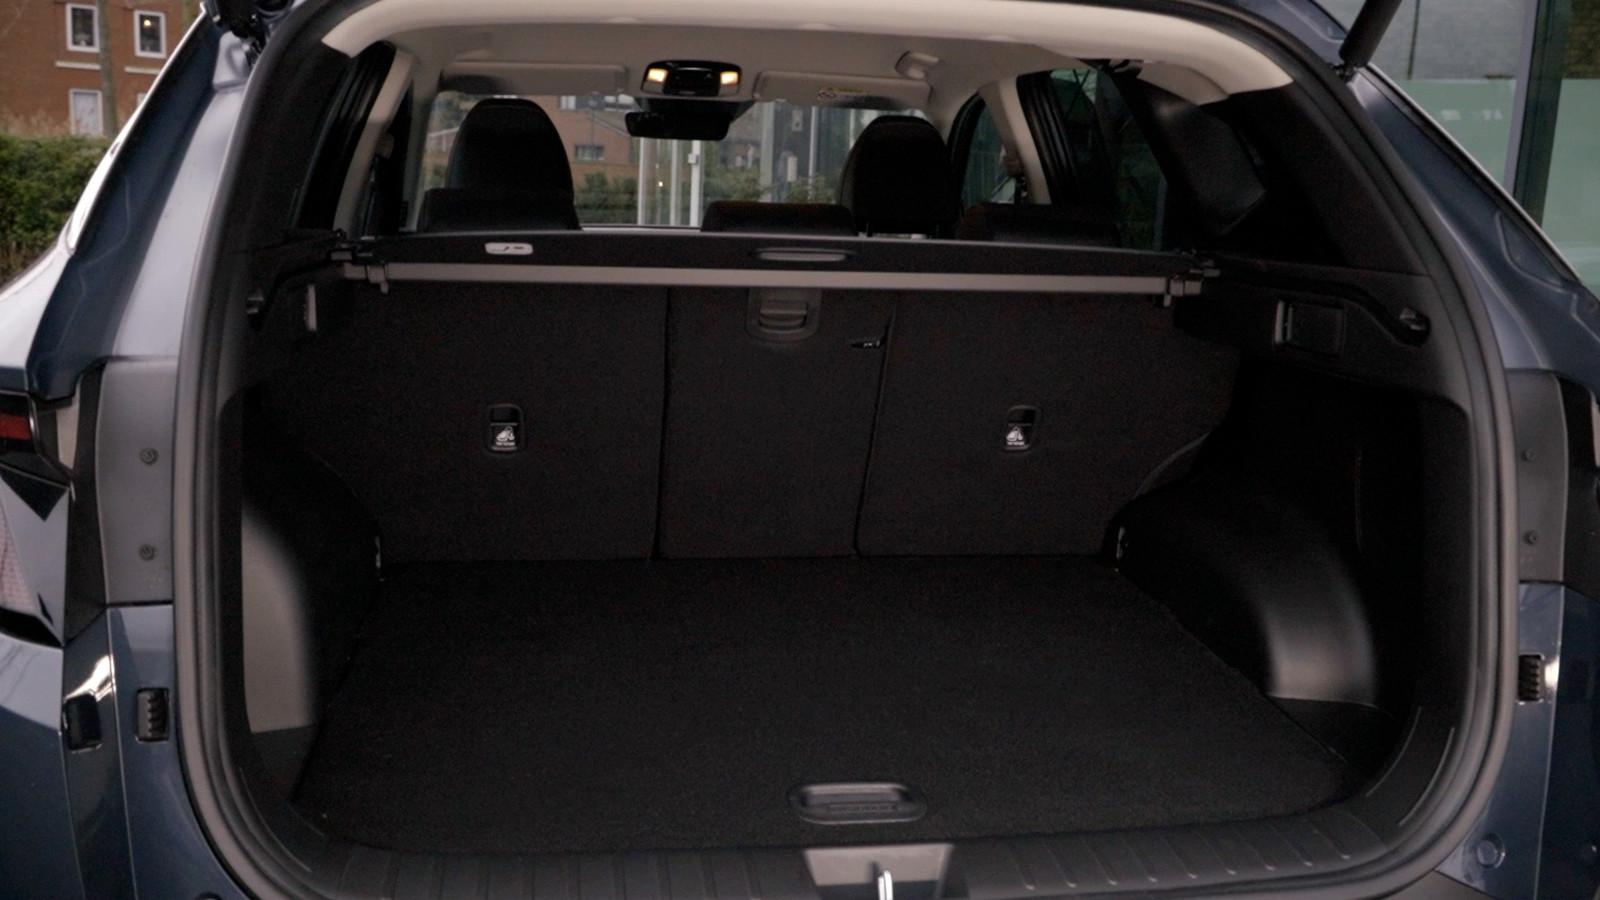 De bagageruimte is met 616 liter van prima formaat. Een in drie delen neerklapbare achterbankleuning is standaard